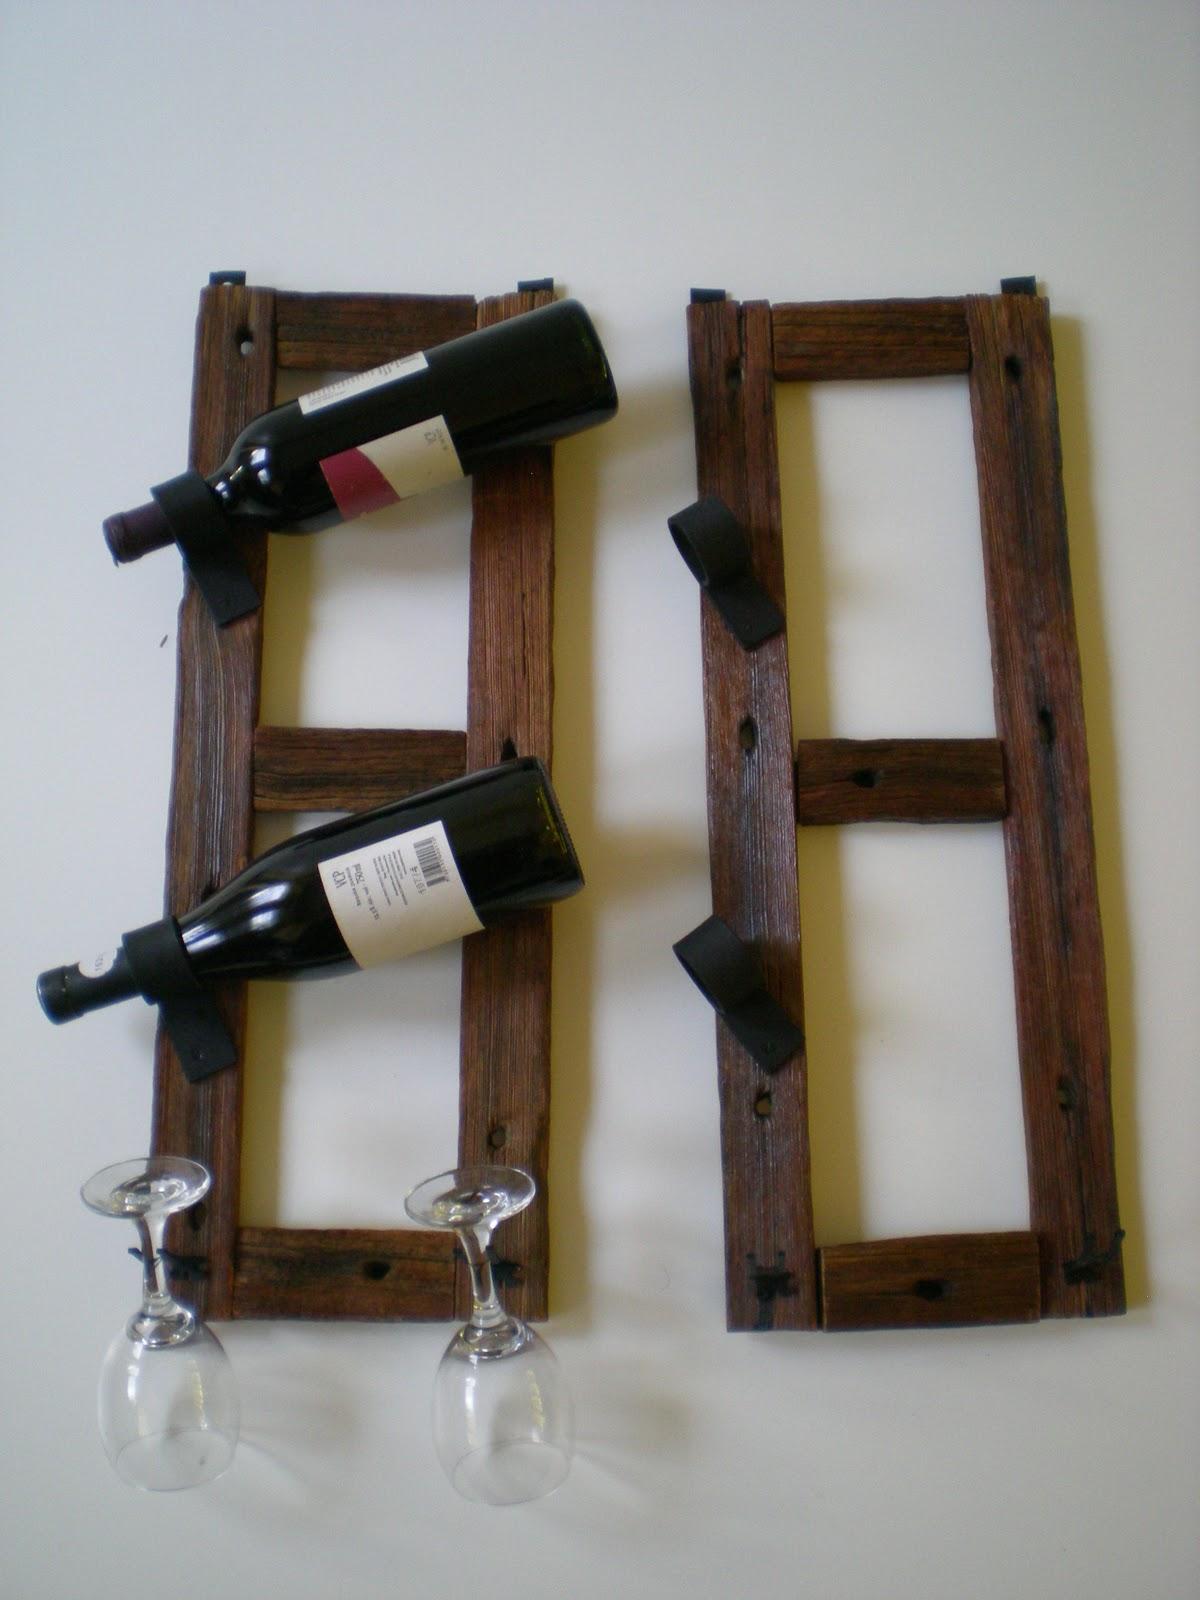 El fog n artesan as en madera r stica y hierro uruguay for Como hacer artesanias en casa